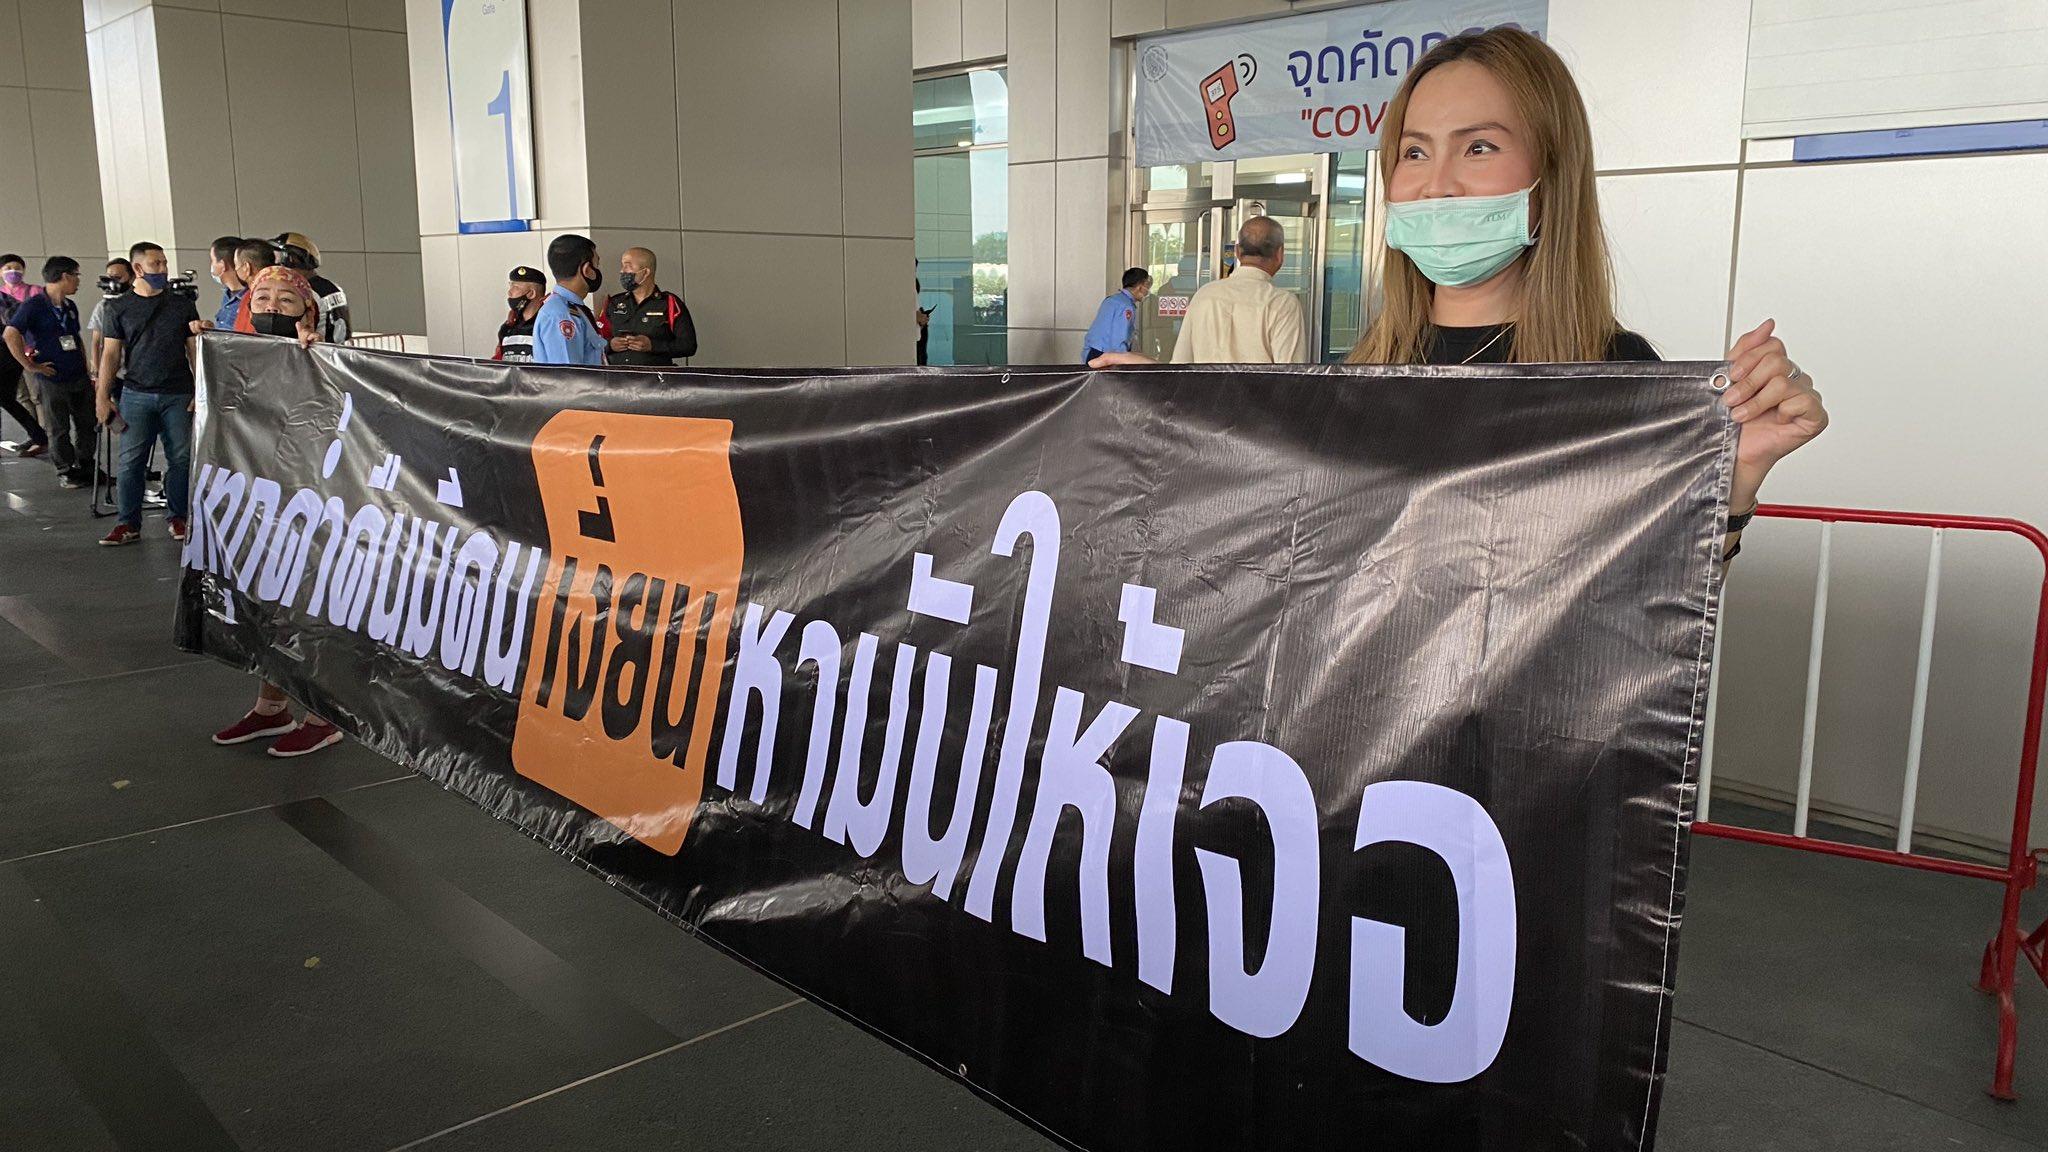 泰国封禁开车网站P站 泰国民众上街抗议